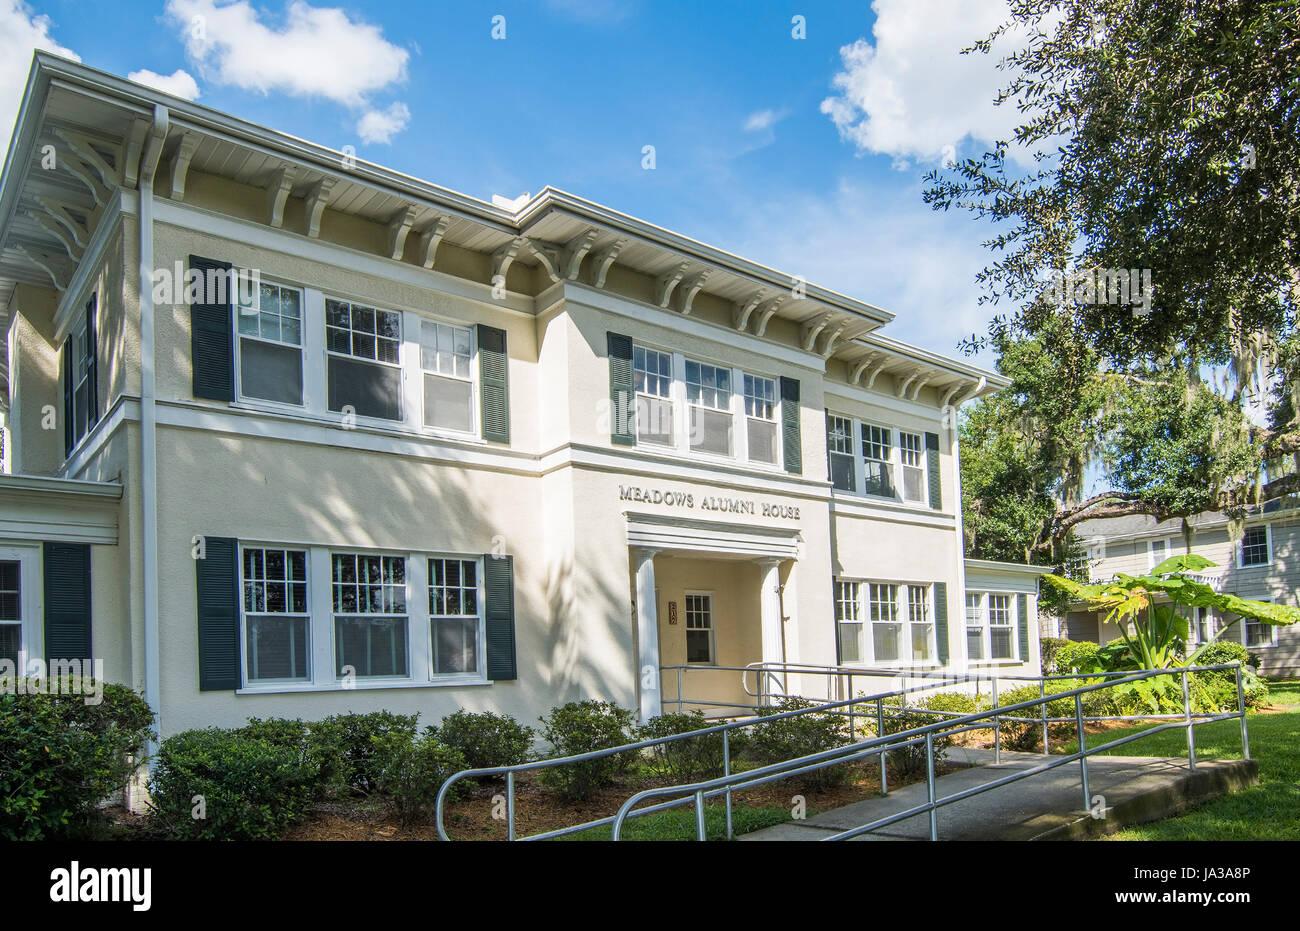 Deland Florida Stetson University College Alumni House petite ville prés de l'éducation, Banque D'Images